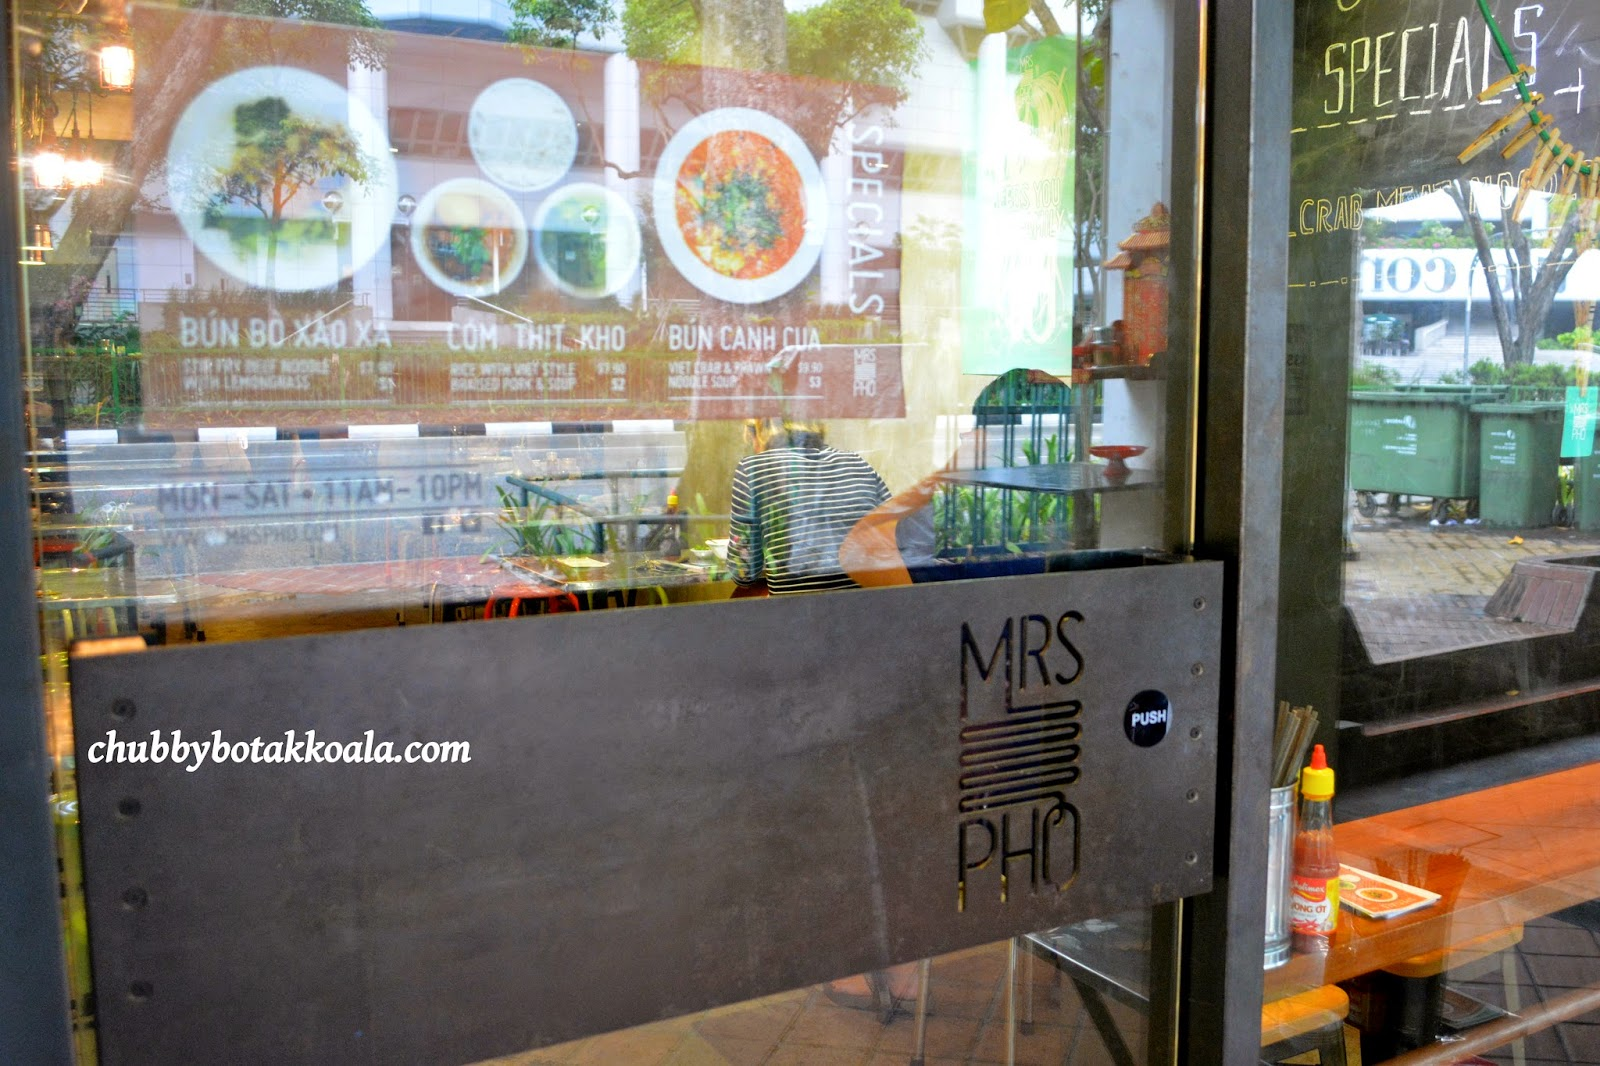 Chubby Botak Koala - Singapore Food Blog, Travel and Lifestyle: 2014